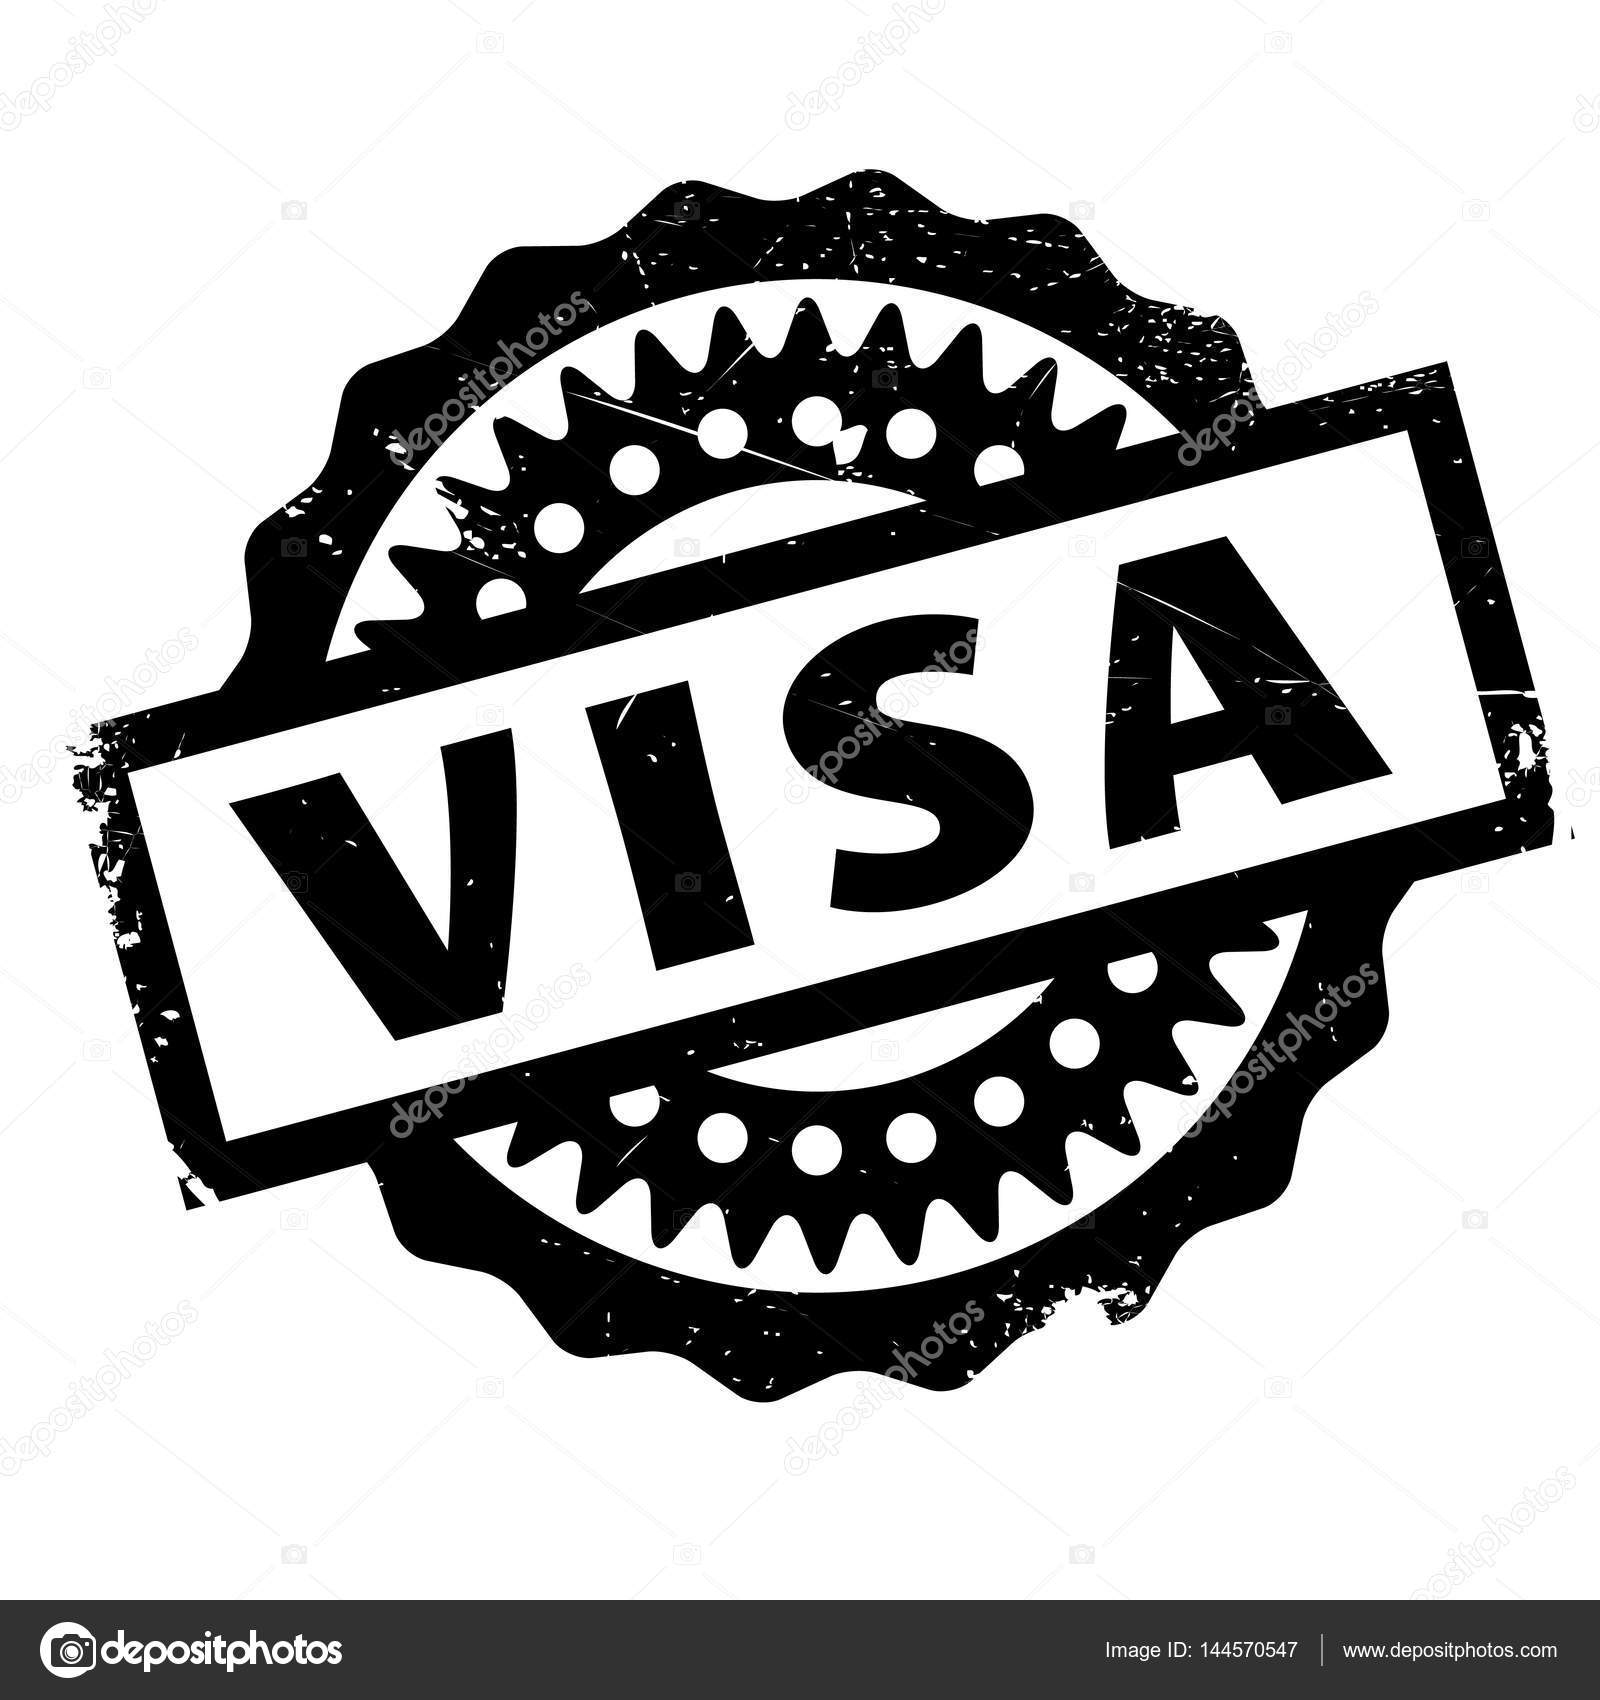 Visa rubber stamp stock vector lkeskinen0 144570547 visa rubber stamp stock vector biocorpaavc Choice Image